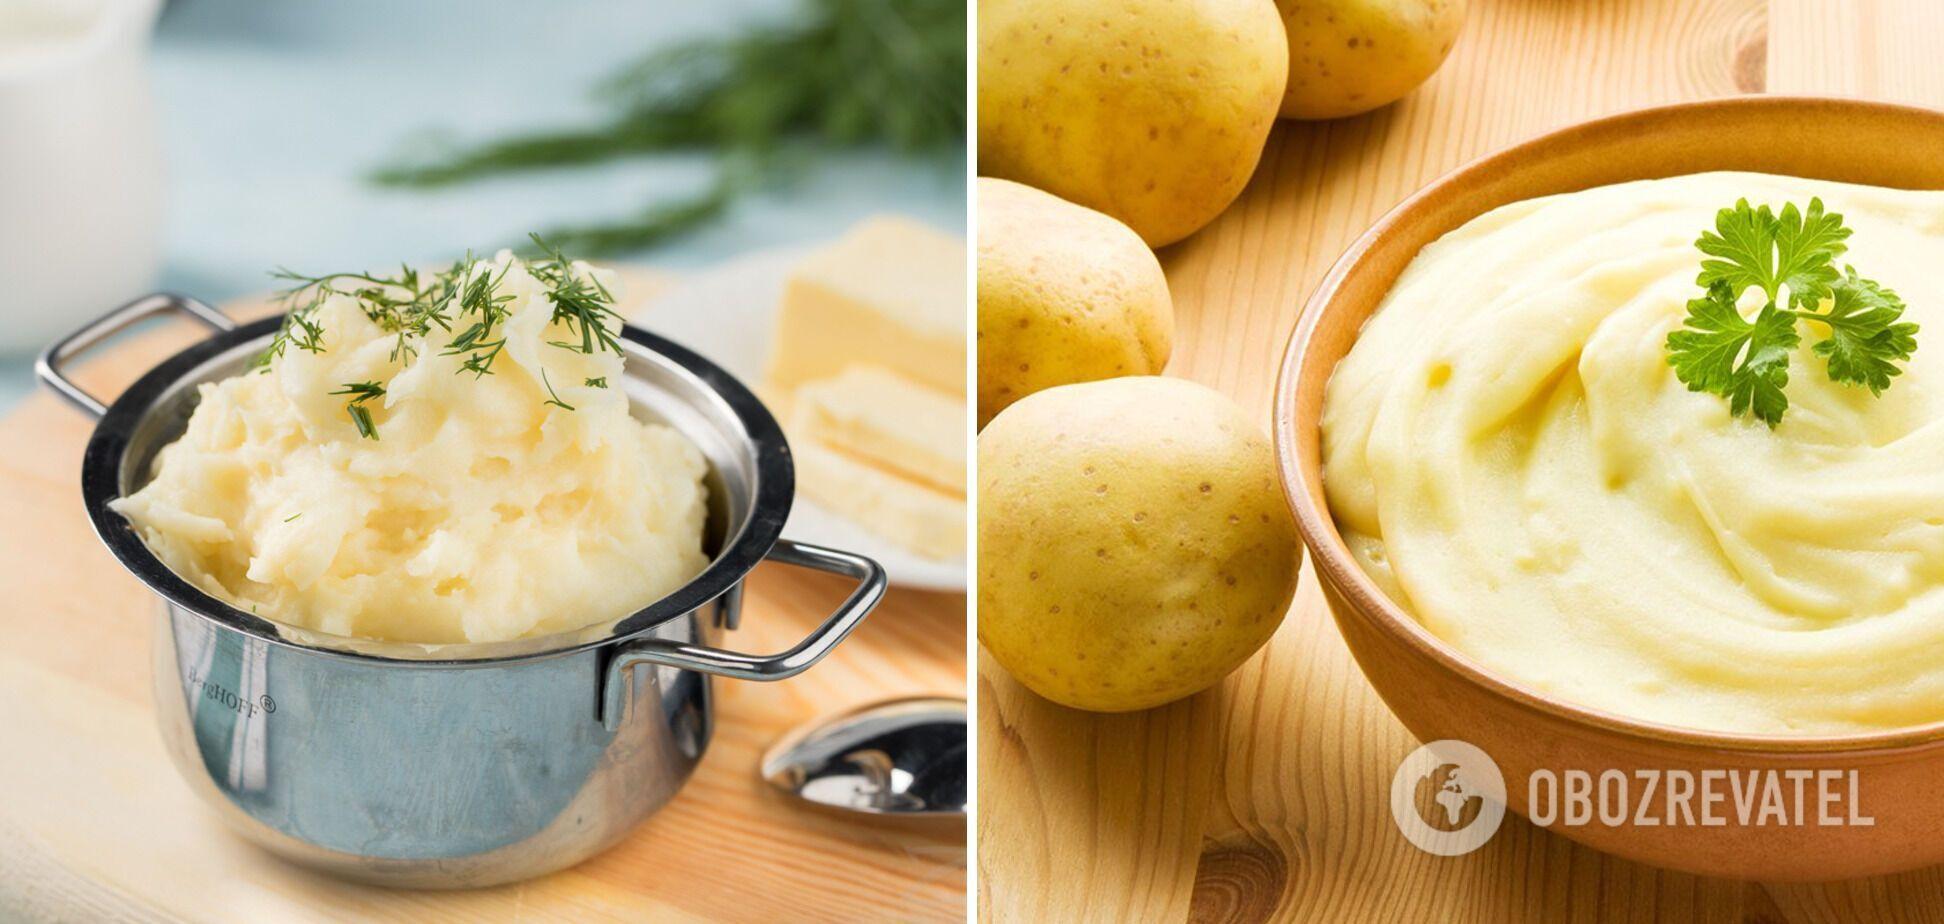 Як смачно приготувати пюре з броколі